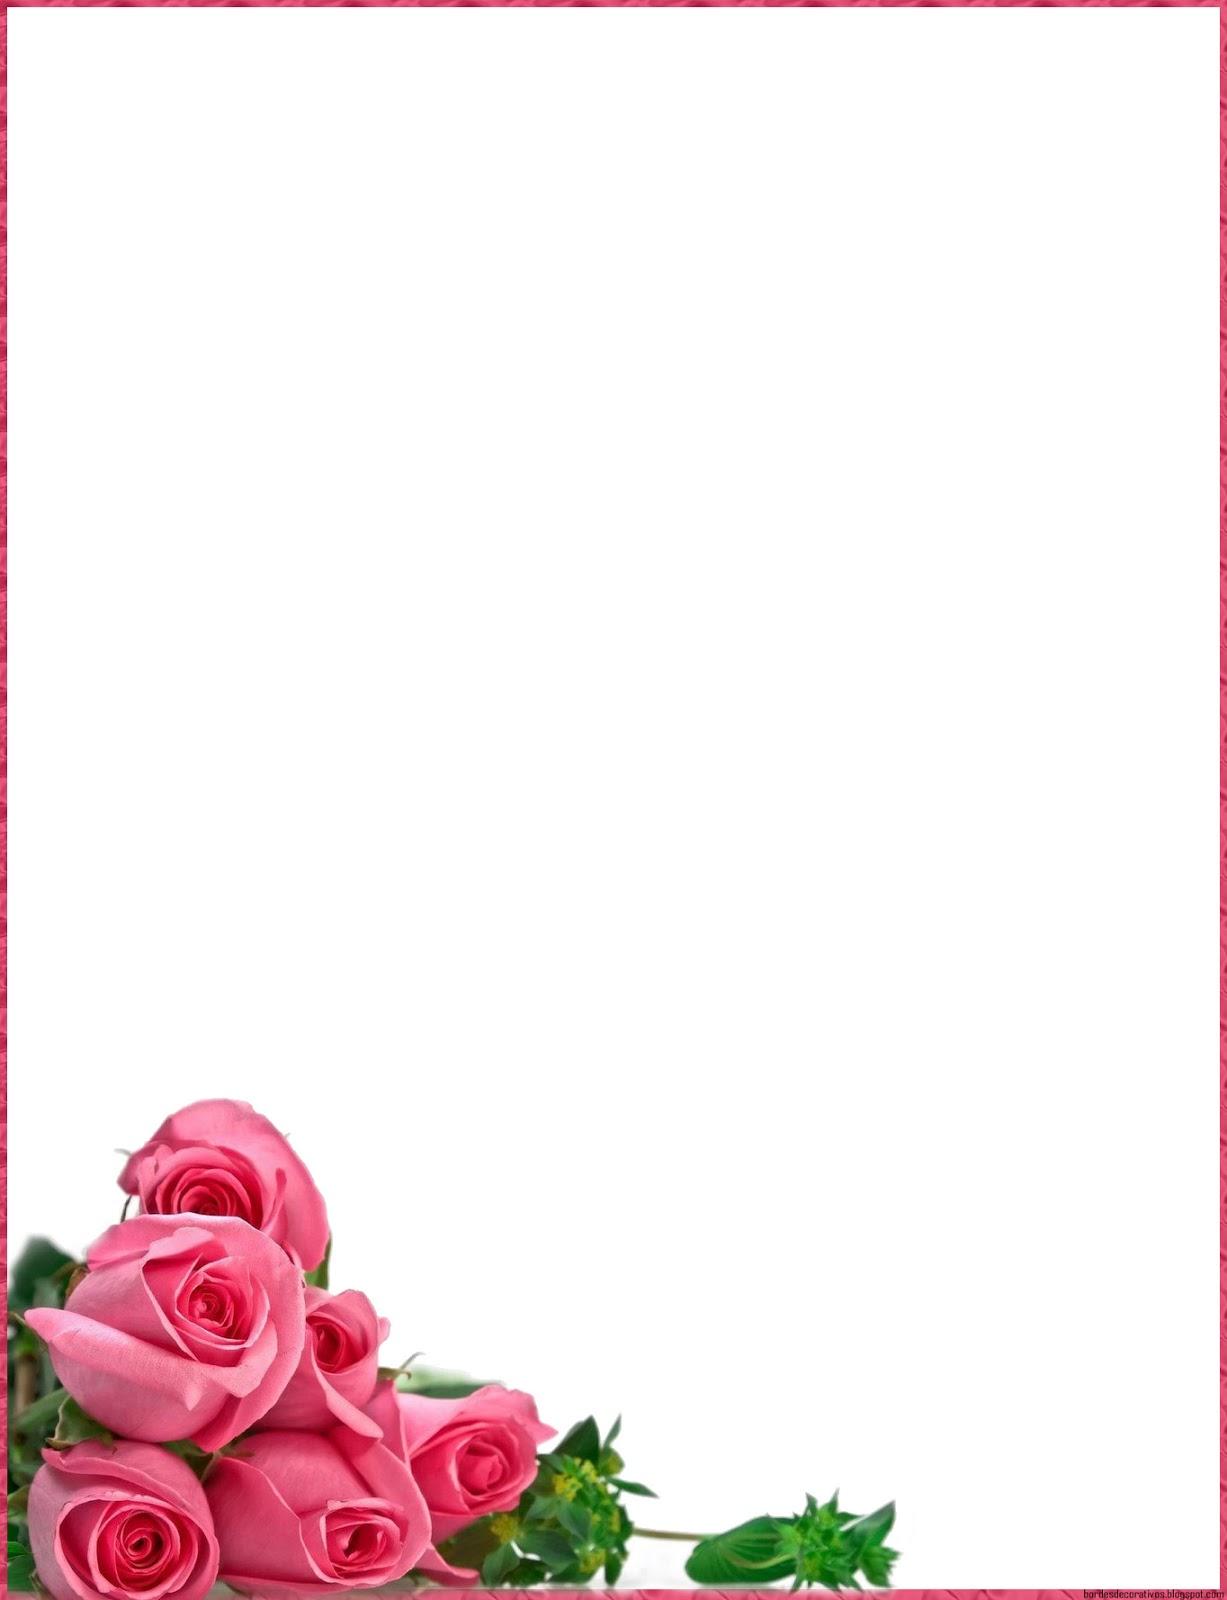 Bordes decorativos bordes decorativos con rosas - Decorativos para navidad ...